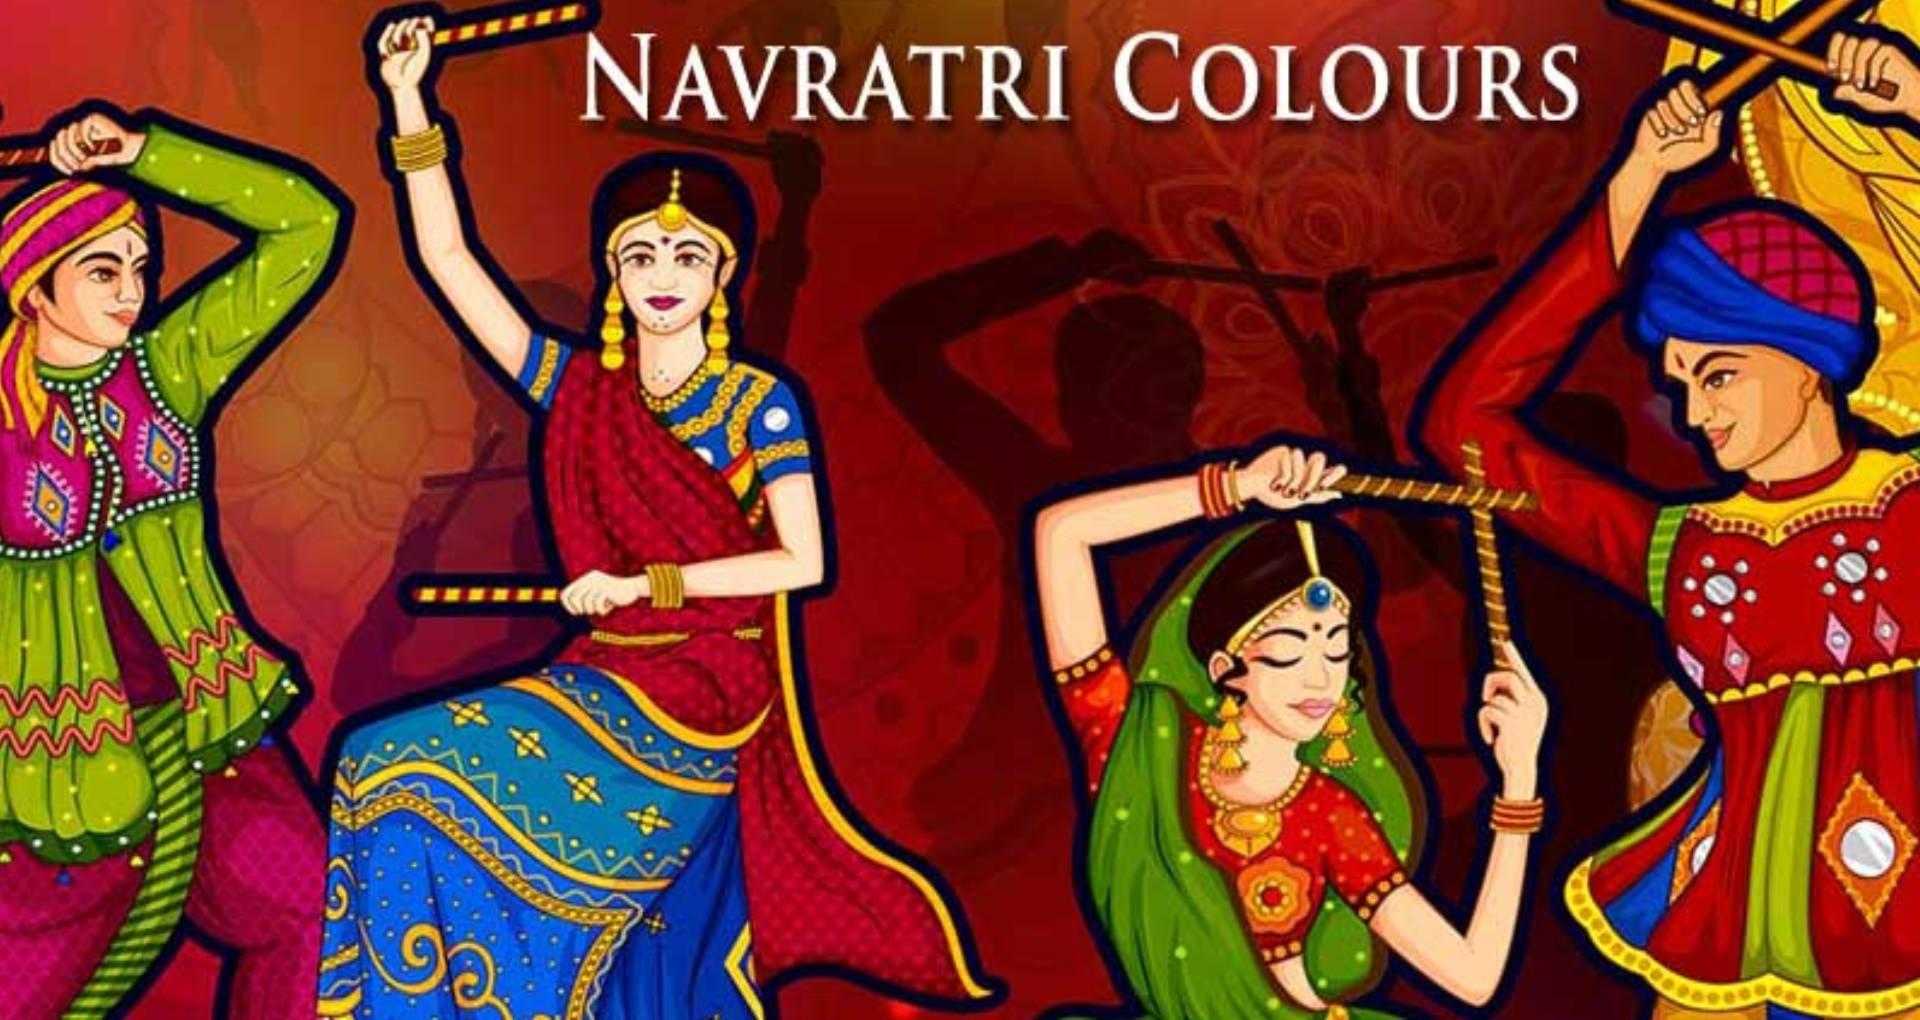 Navratri 2019 Colours: नवरात्रि के नौ दिन पहने जाते हैं 9 अलग-अलग रंग के कपड़े, जानिए इसका महत्व